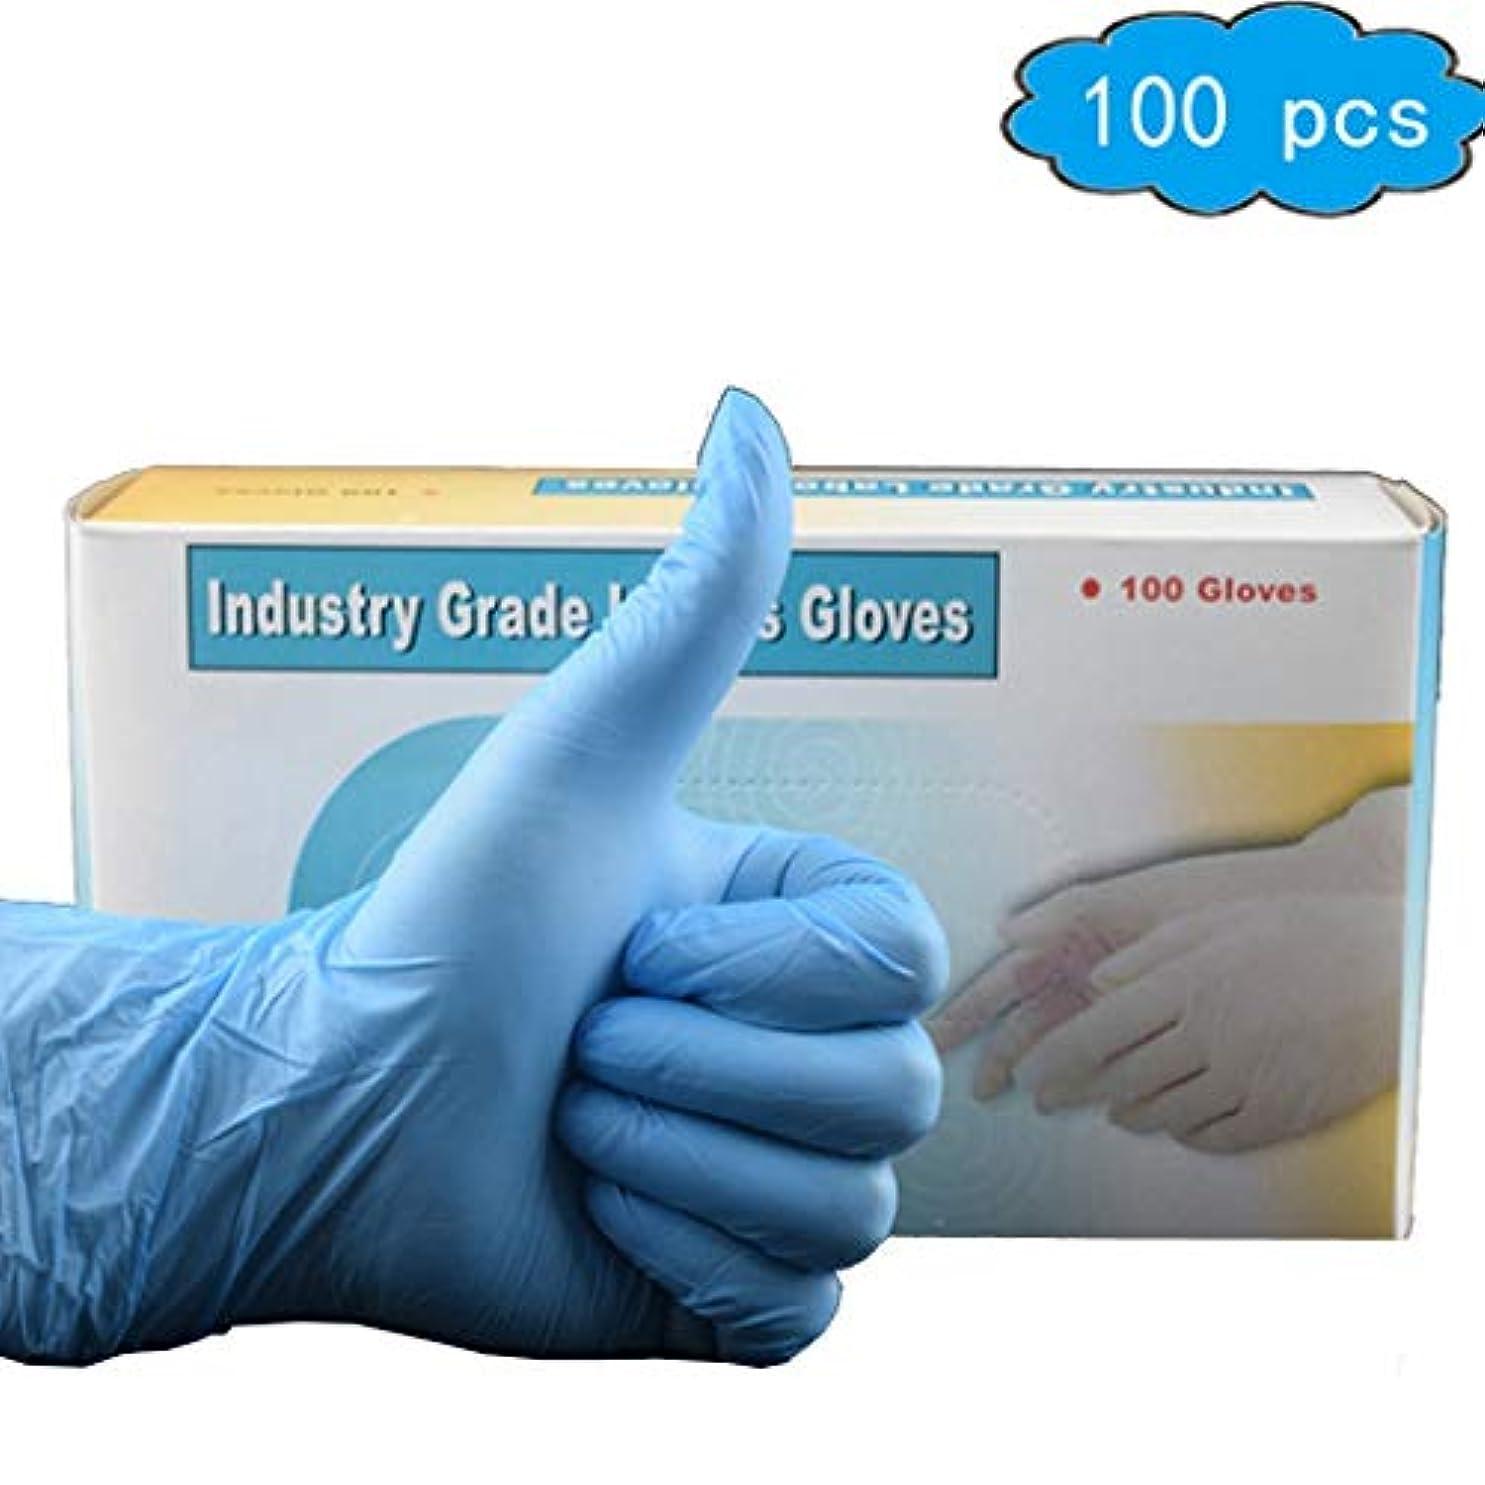 伸ばす展示会少なくとも使い捨て手袋、子供用使い捨て手袋、子供用ニトリル手袋 - 粉末なし、ラテックスなし、無臭、食品等級、アレルギー、質感のある指 - 100PCSブルー (Color : Blue, Size : L)